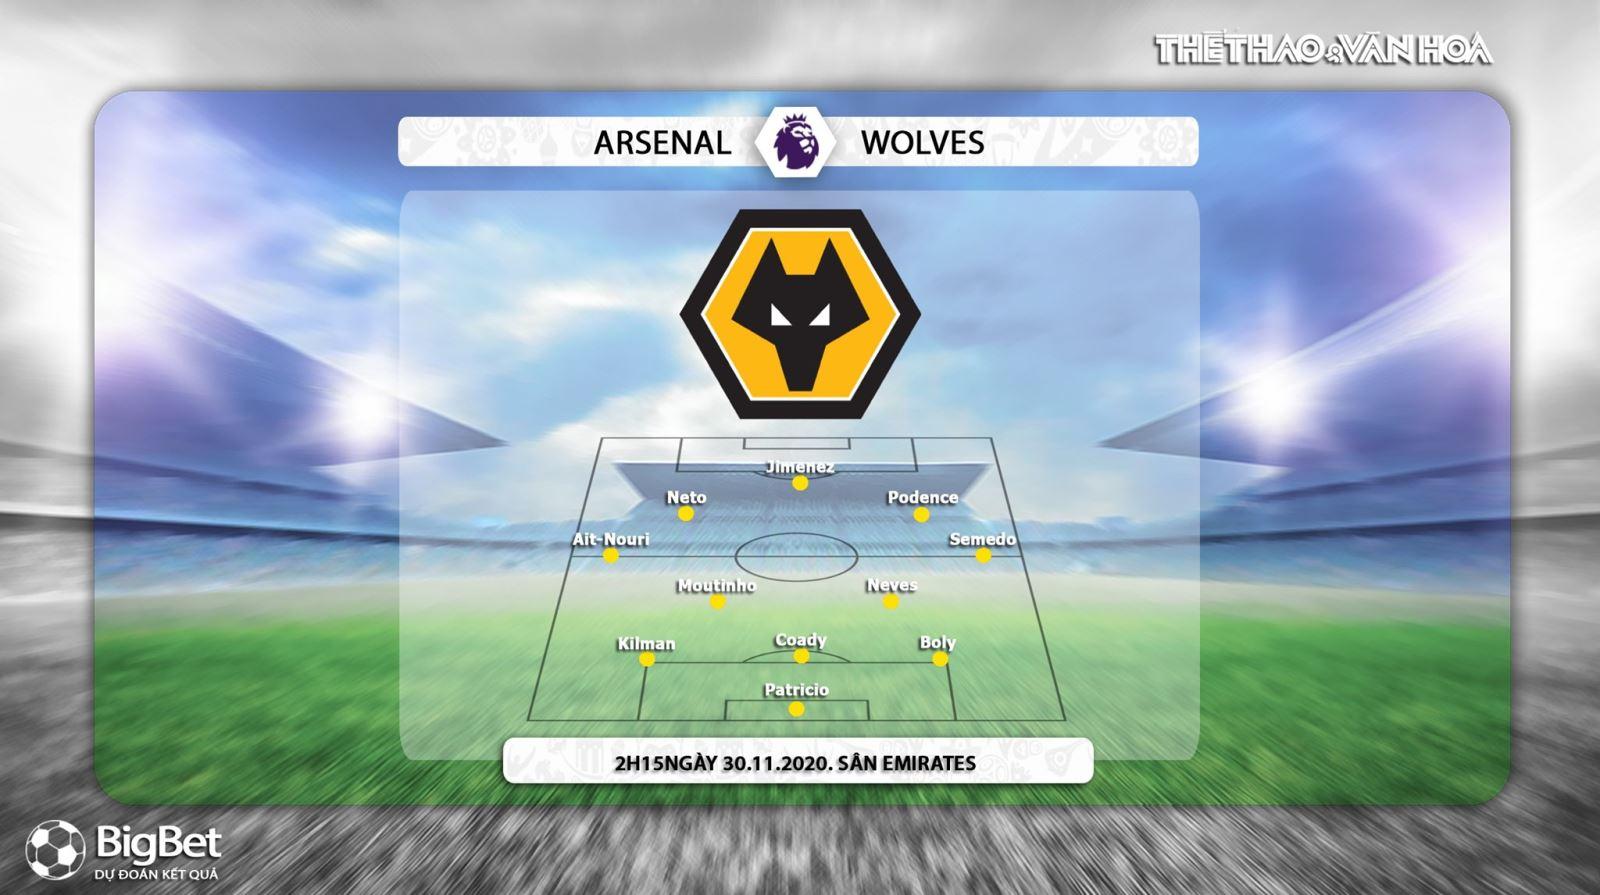 Keo nha cai. Kèo nhà cái. Arsenal vs Wolves. Trực tiếp bóng đá. Ngoại hạng Anh. K+PM. Soi kèo bóng đá. Arsenal vs Wolves. Soi kèo Arsenal. Kèo Arsenal vs Wolves